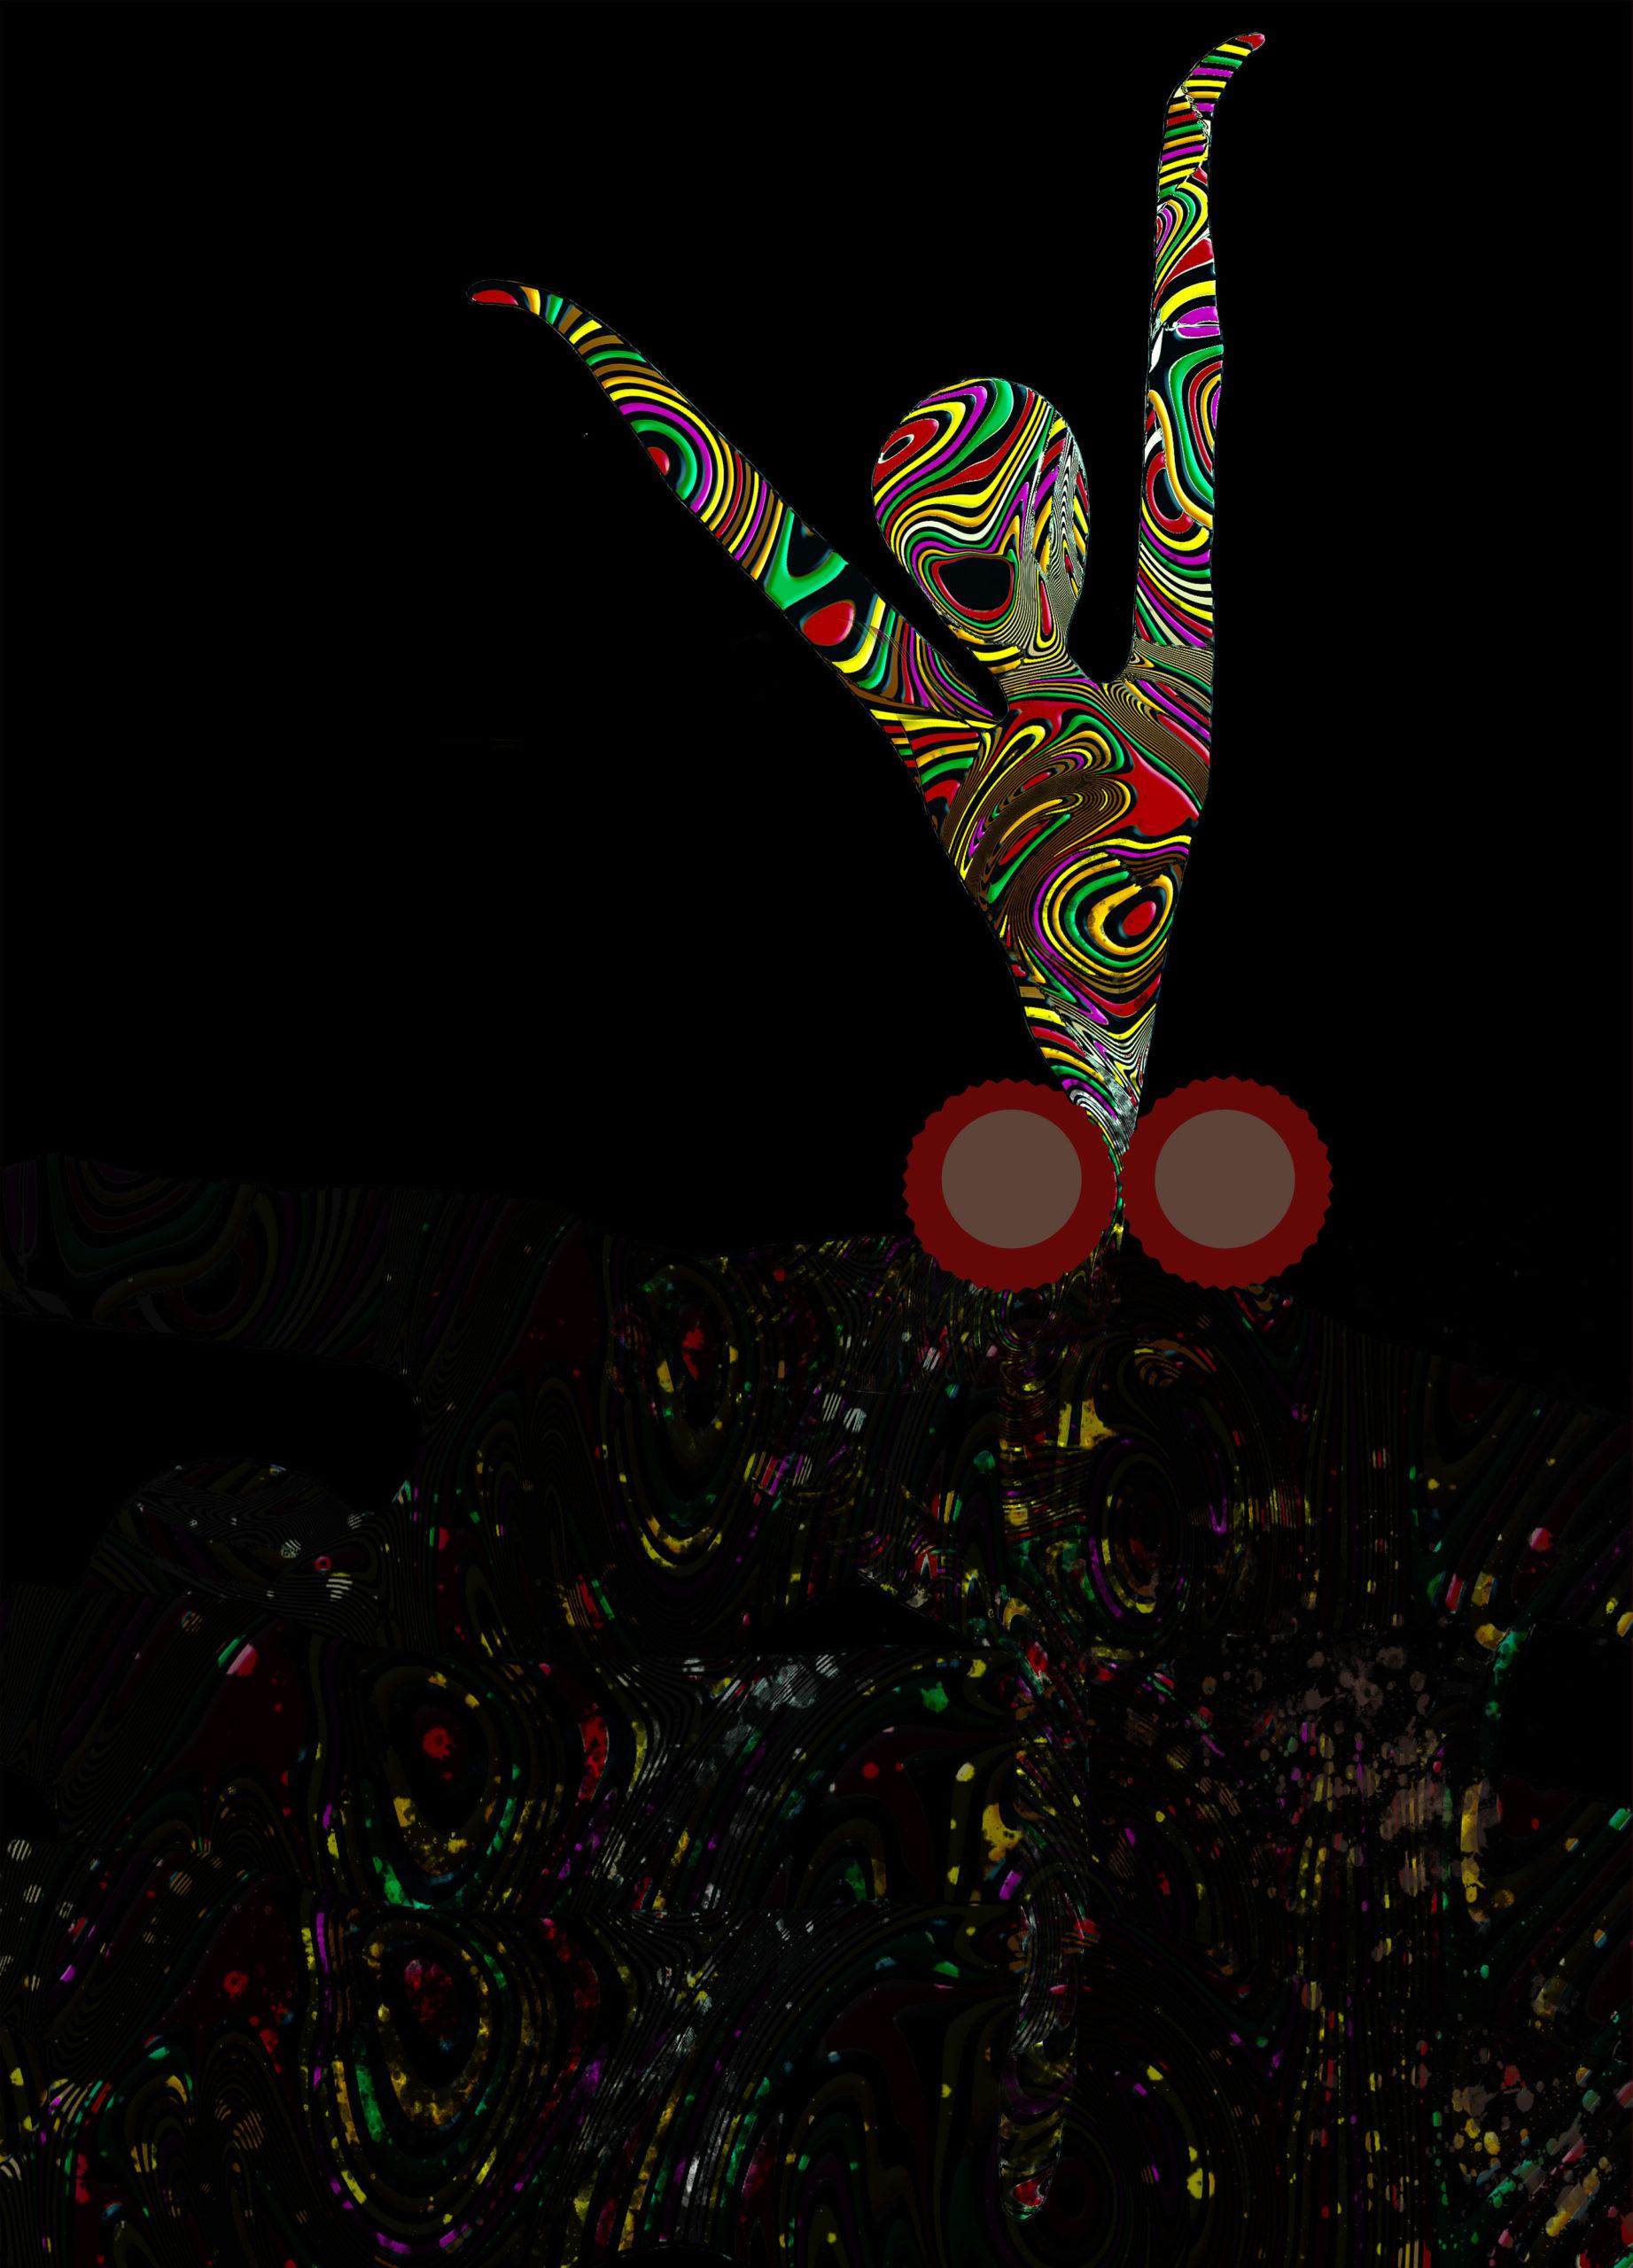 Serie Dancing shredder